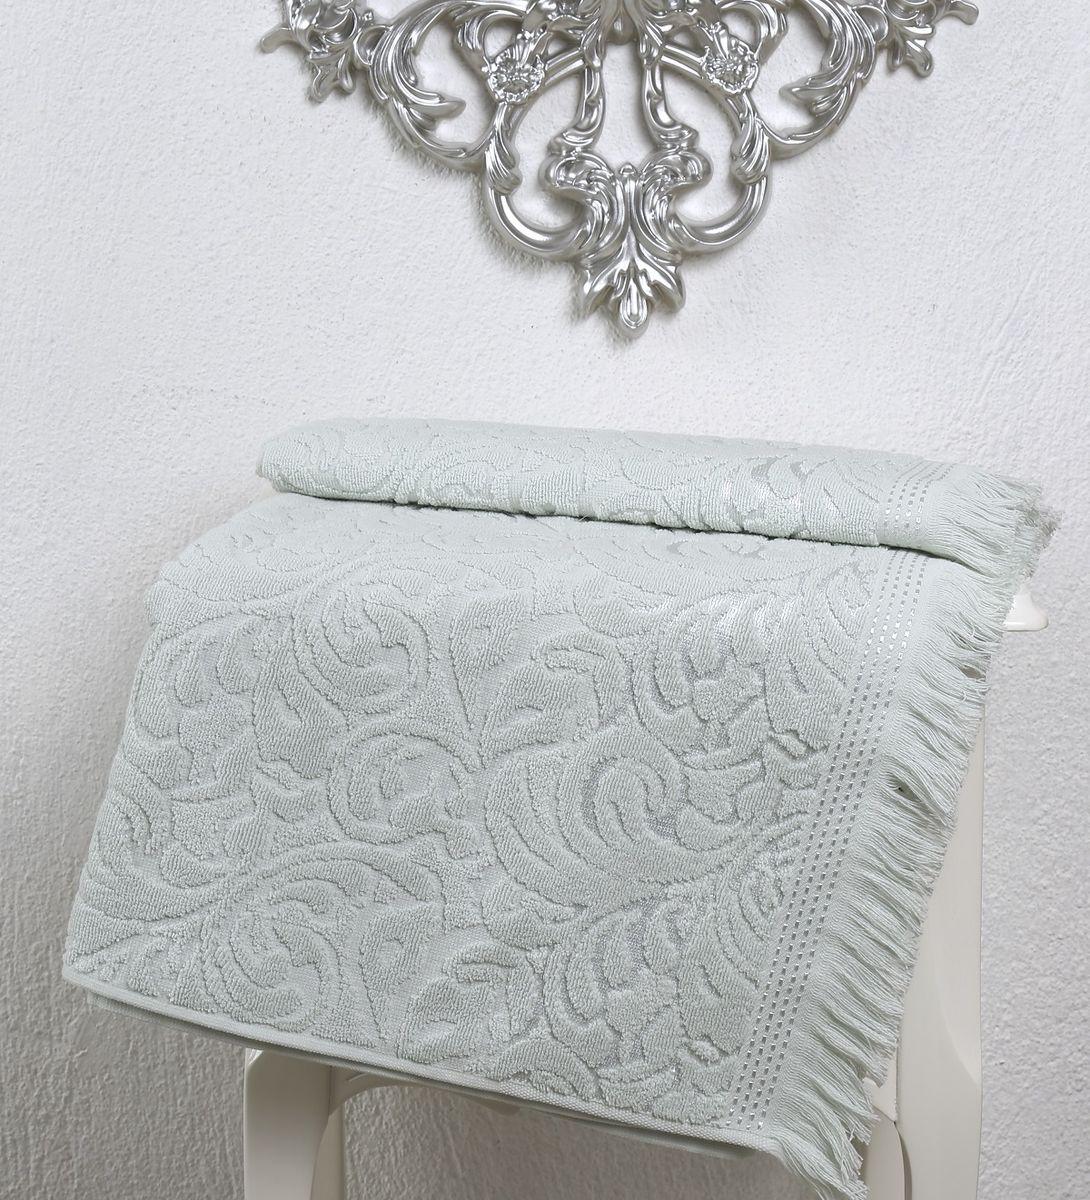 Полотенце Karna Esra, цвет: светло-зеленый, 70 х 140 см2195/CHAR007Полотенце Karna изготавлено из высококачественных хлопковых нитей.Полотенце отлично впитывает воду и быстро сохнет.Отличительной особенностью данной модели является её оригинальный рисунок (вышивка) и подарочная упаковка. Декор в виде вышивки и бахромы хорошо смотрится. Вышитые изображения отличаются своей долговечностью и практичностью, они не выгорают и не линяют.Размер полотенца: 70 х 140 см.